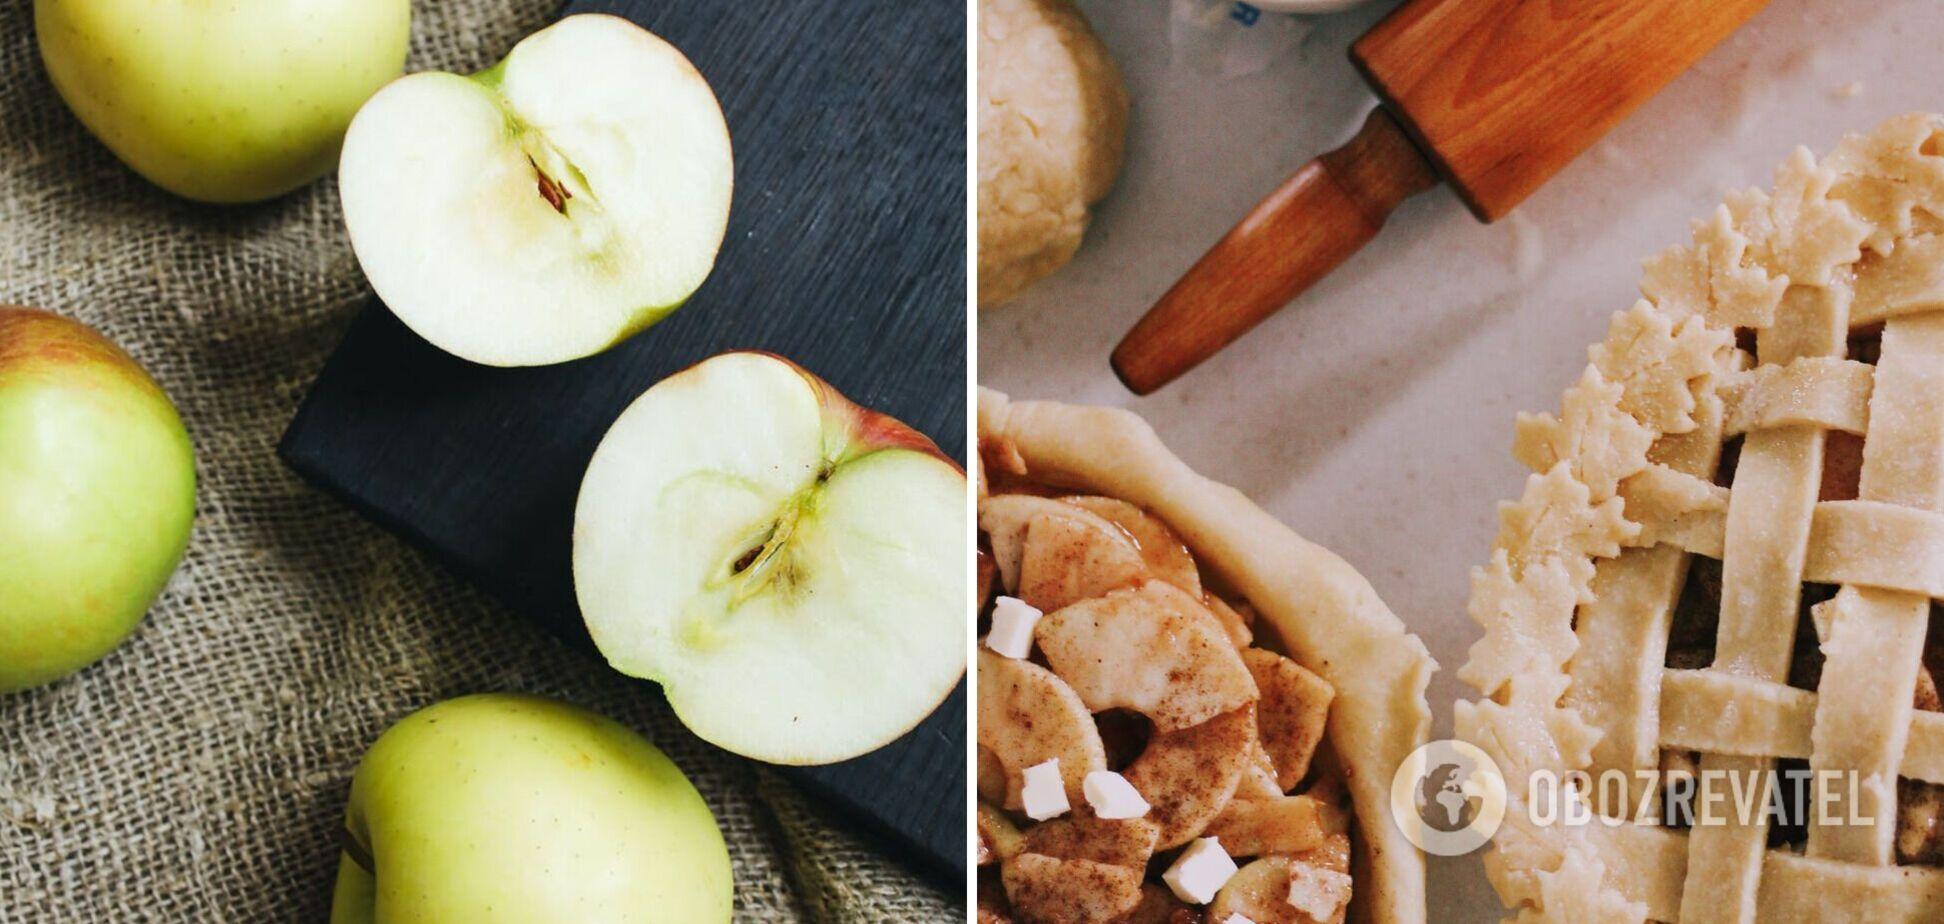 Пироги з яблук для святкового столу – вишукані десерти з осінніми фруктами